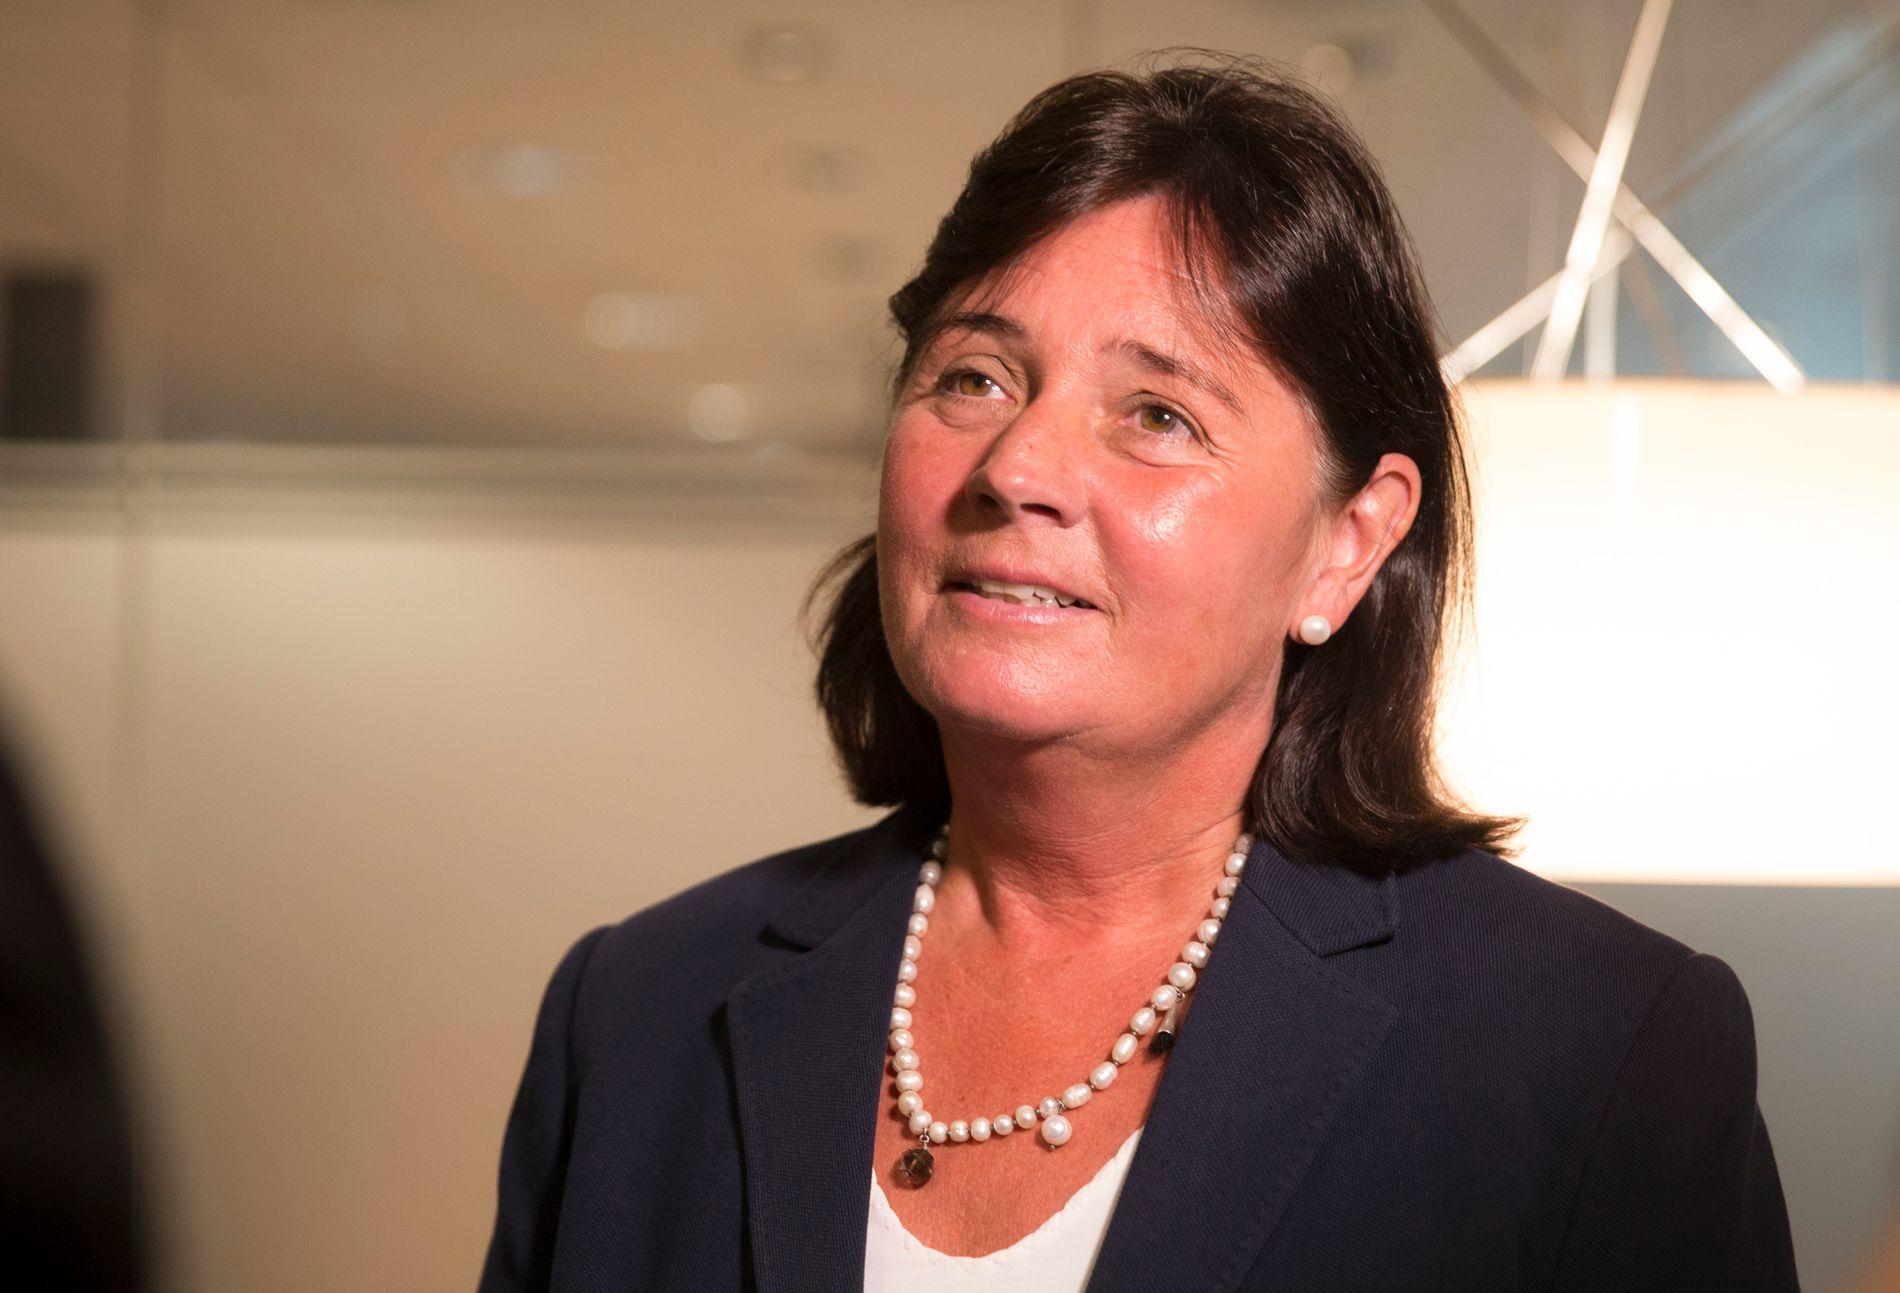 FØLGER MED: Direktør  Cecilie Daae i Direktoratet for Samfunnssikkerhet og Beredskap DSB.